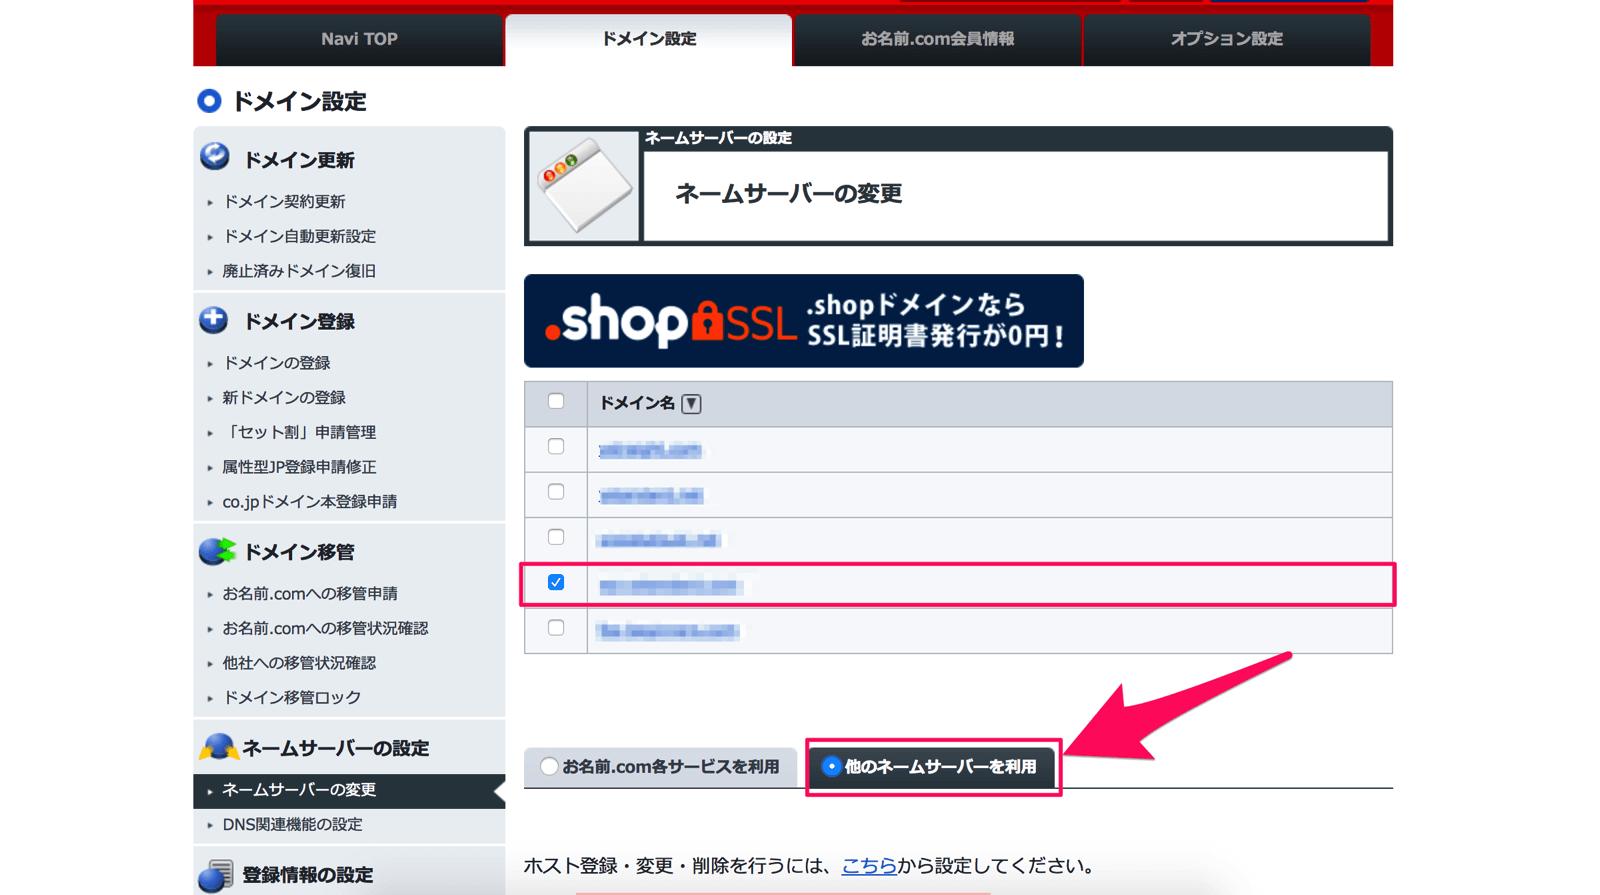 ネームサーバーを変更するドメインにチェックを付けて「他のネームサーバーを利用」を選択します